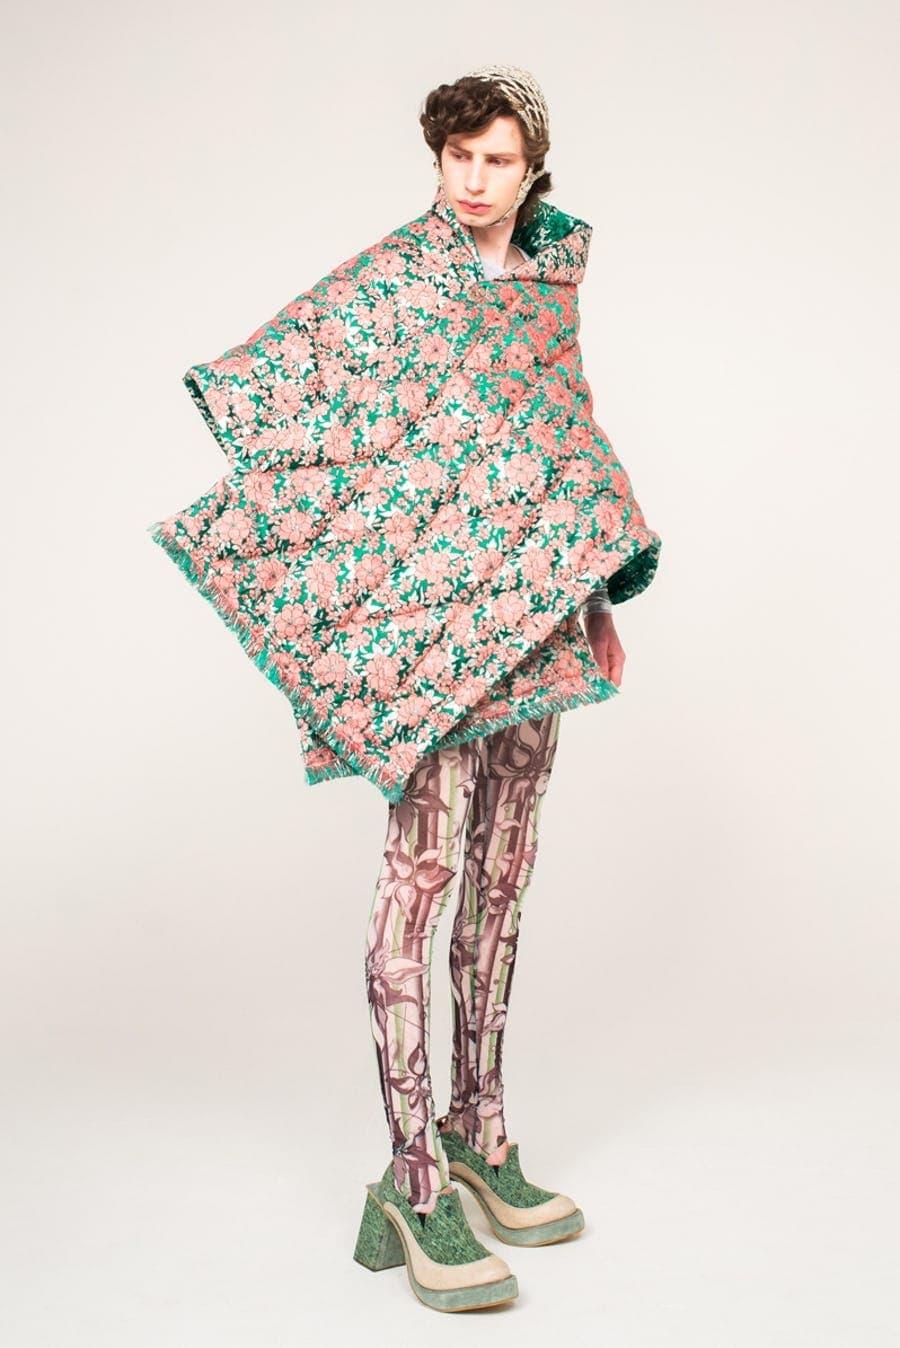 Art School, Matty Bovan, Ahluwalia, Parnell Mooney, Linus Leonardsson, Olubiyi Thomas, Labrum London Fall 2021 Fashion Show Review